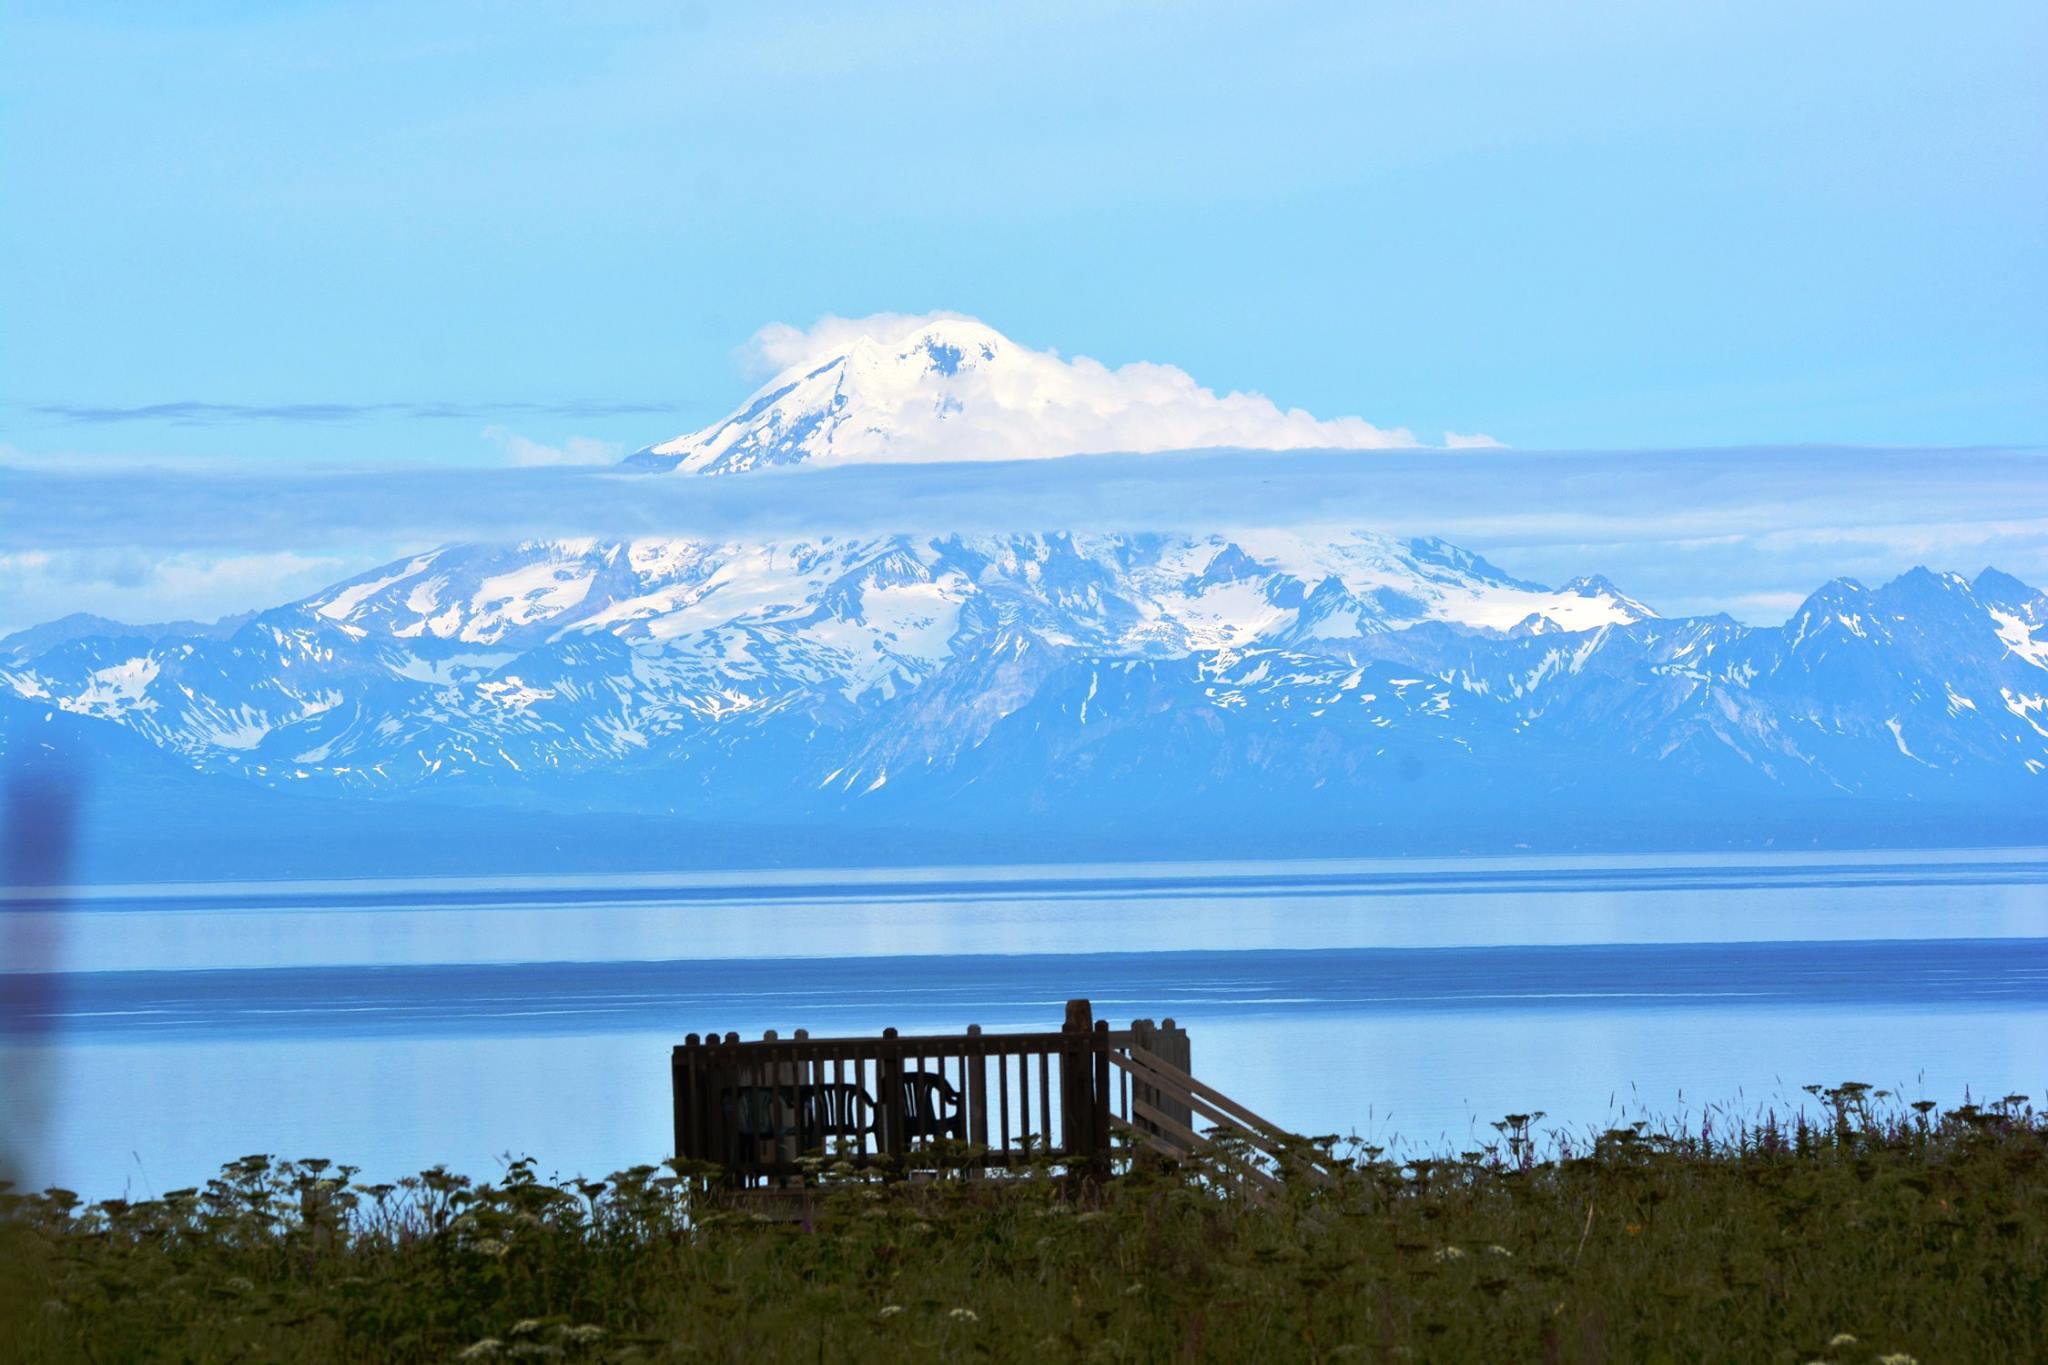 הרי הגעש מעבר למפרץ קלארק